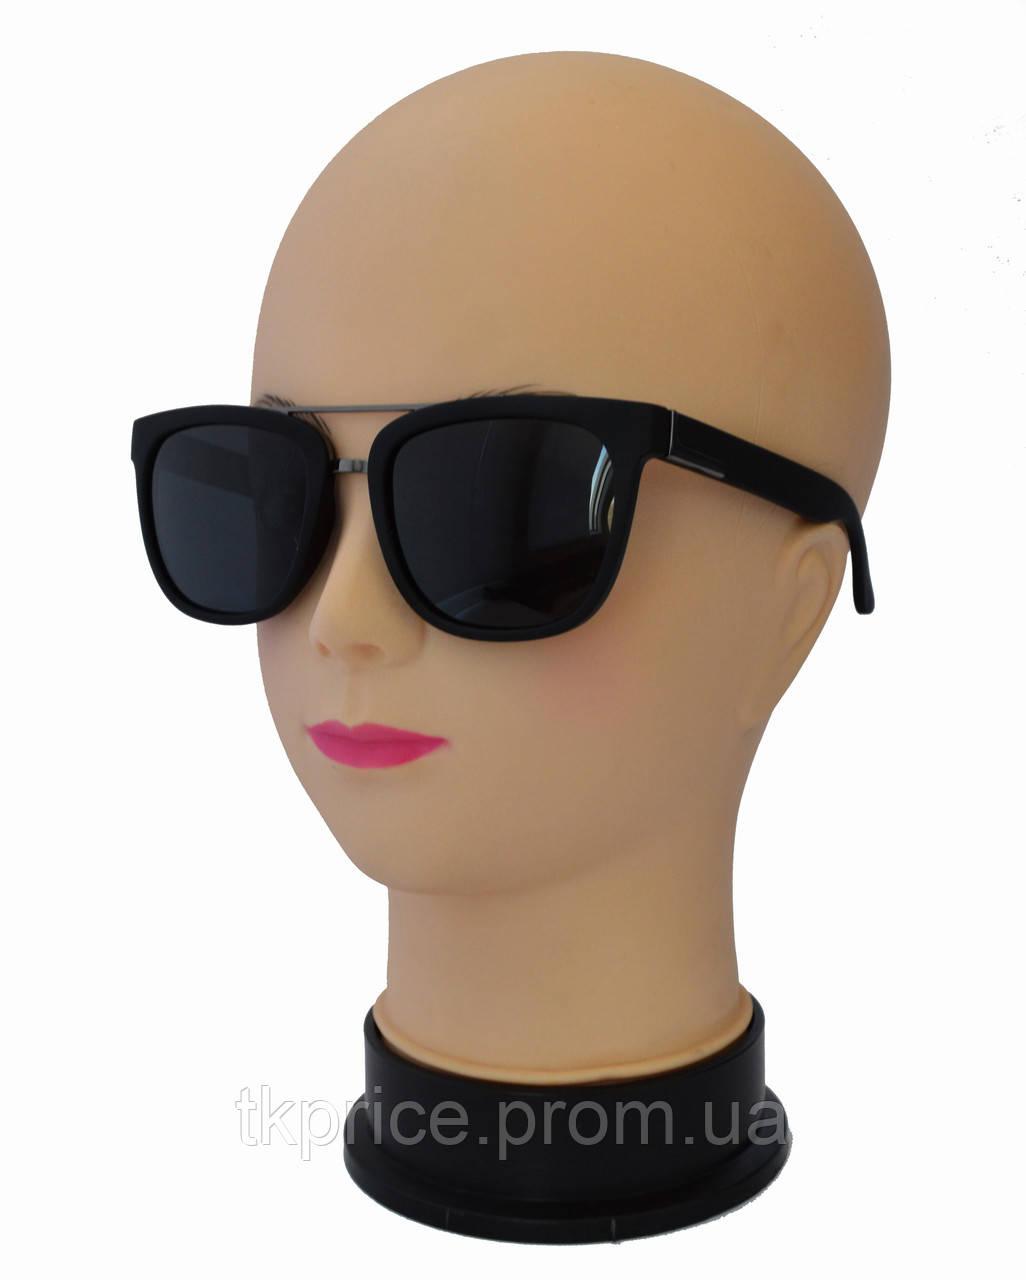 Мужские поляризационные солнцезащитные очки матовые